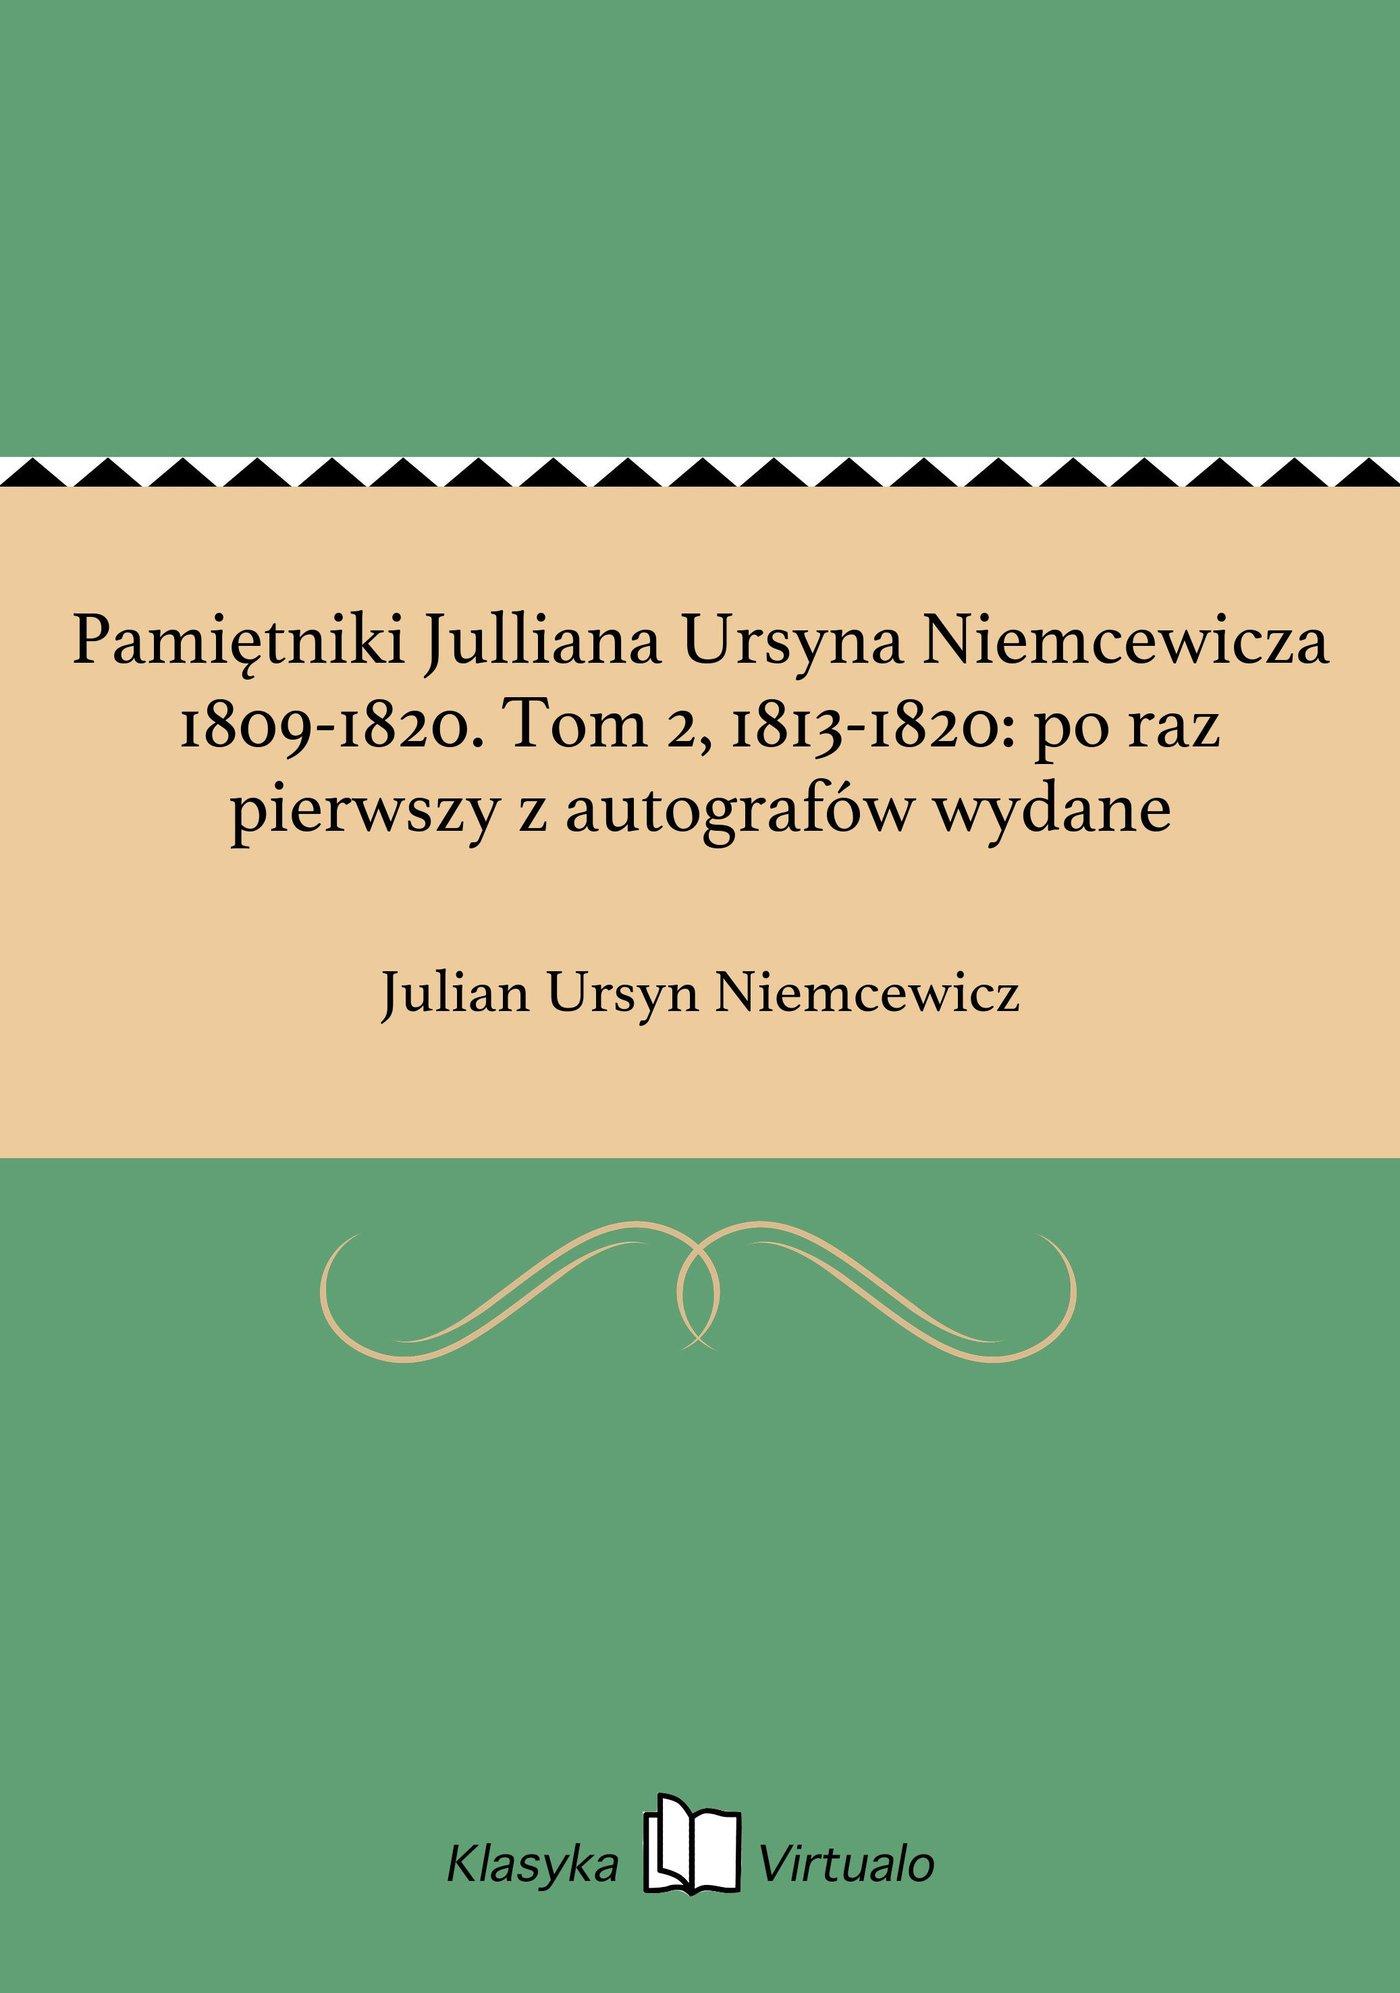 Pamiętniki Julliana Ursyna Niemcewicza 1809-1820. Tom 2, 1813-1820: po raz pierwszy z autografów wydane - Ebook (Książka na Kindle) do pobrania w formacie MOBI